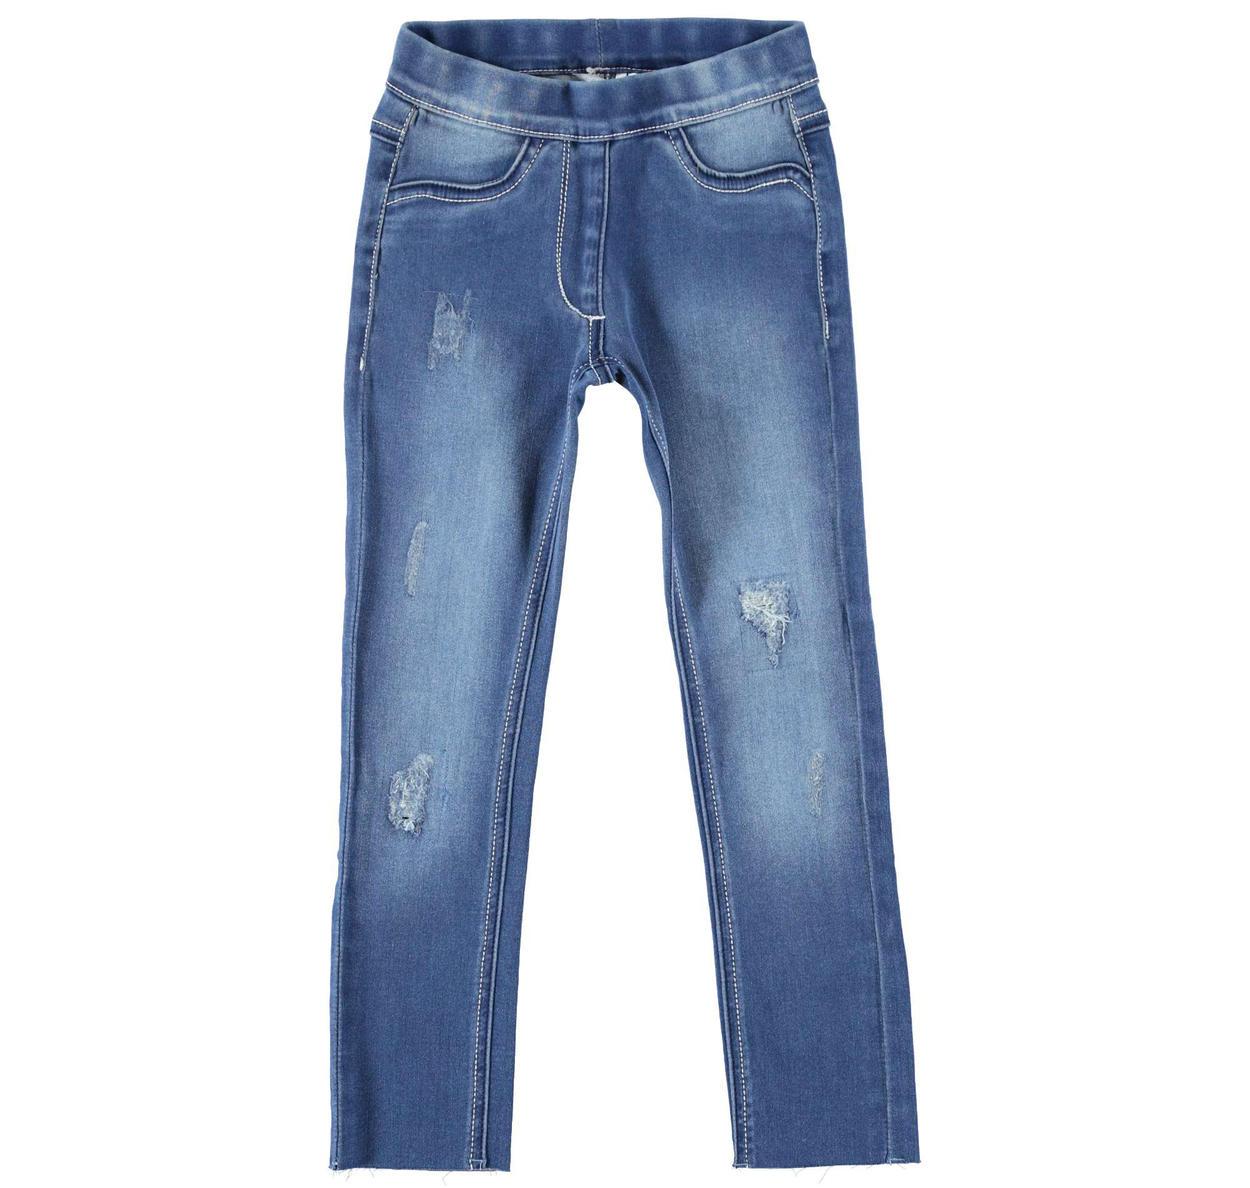 Jeans denim stretch per bambina da 6 a 16 anni Sarabanda STONE WASHED-7450 ddd5d30411d